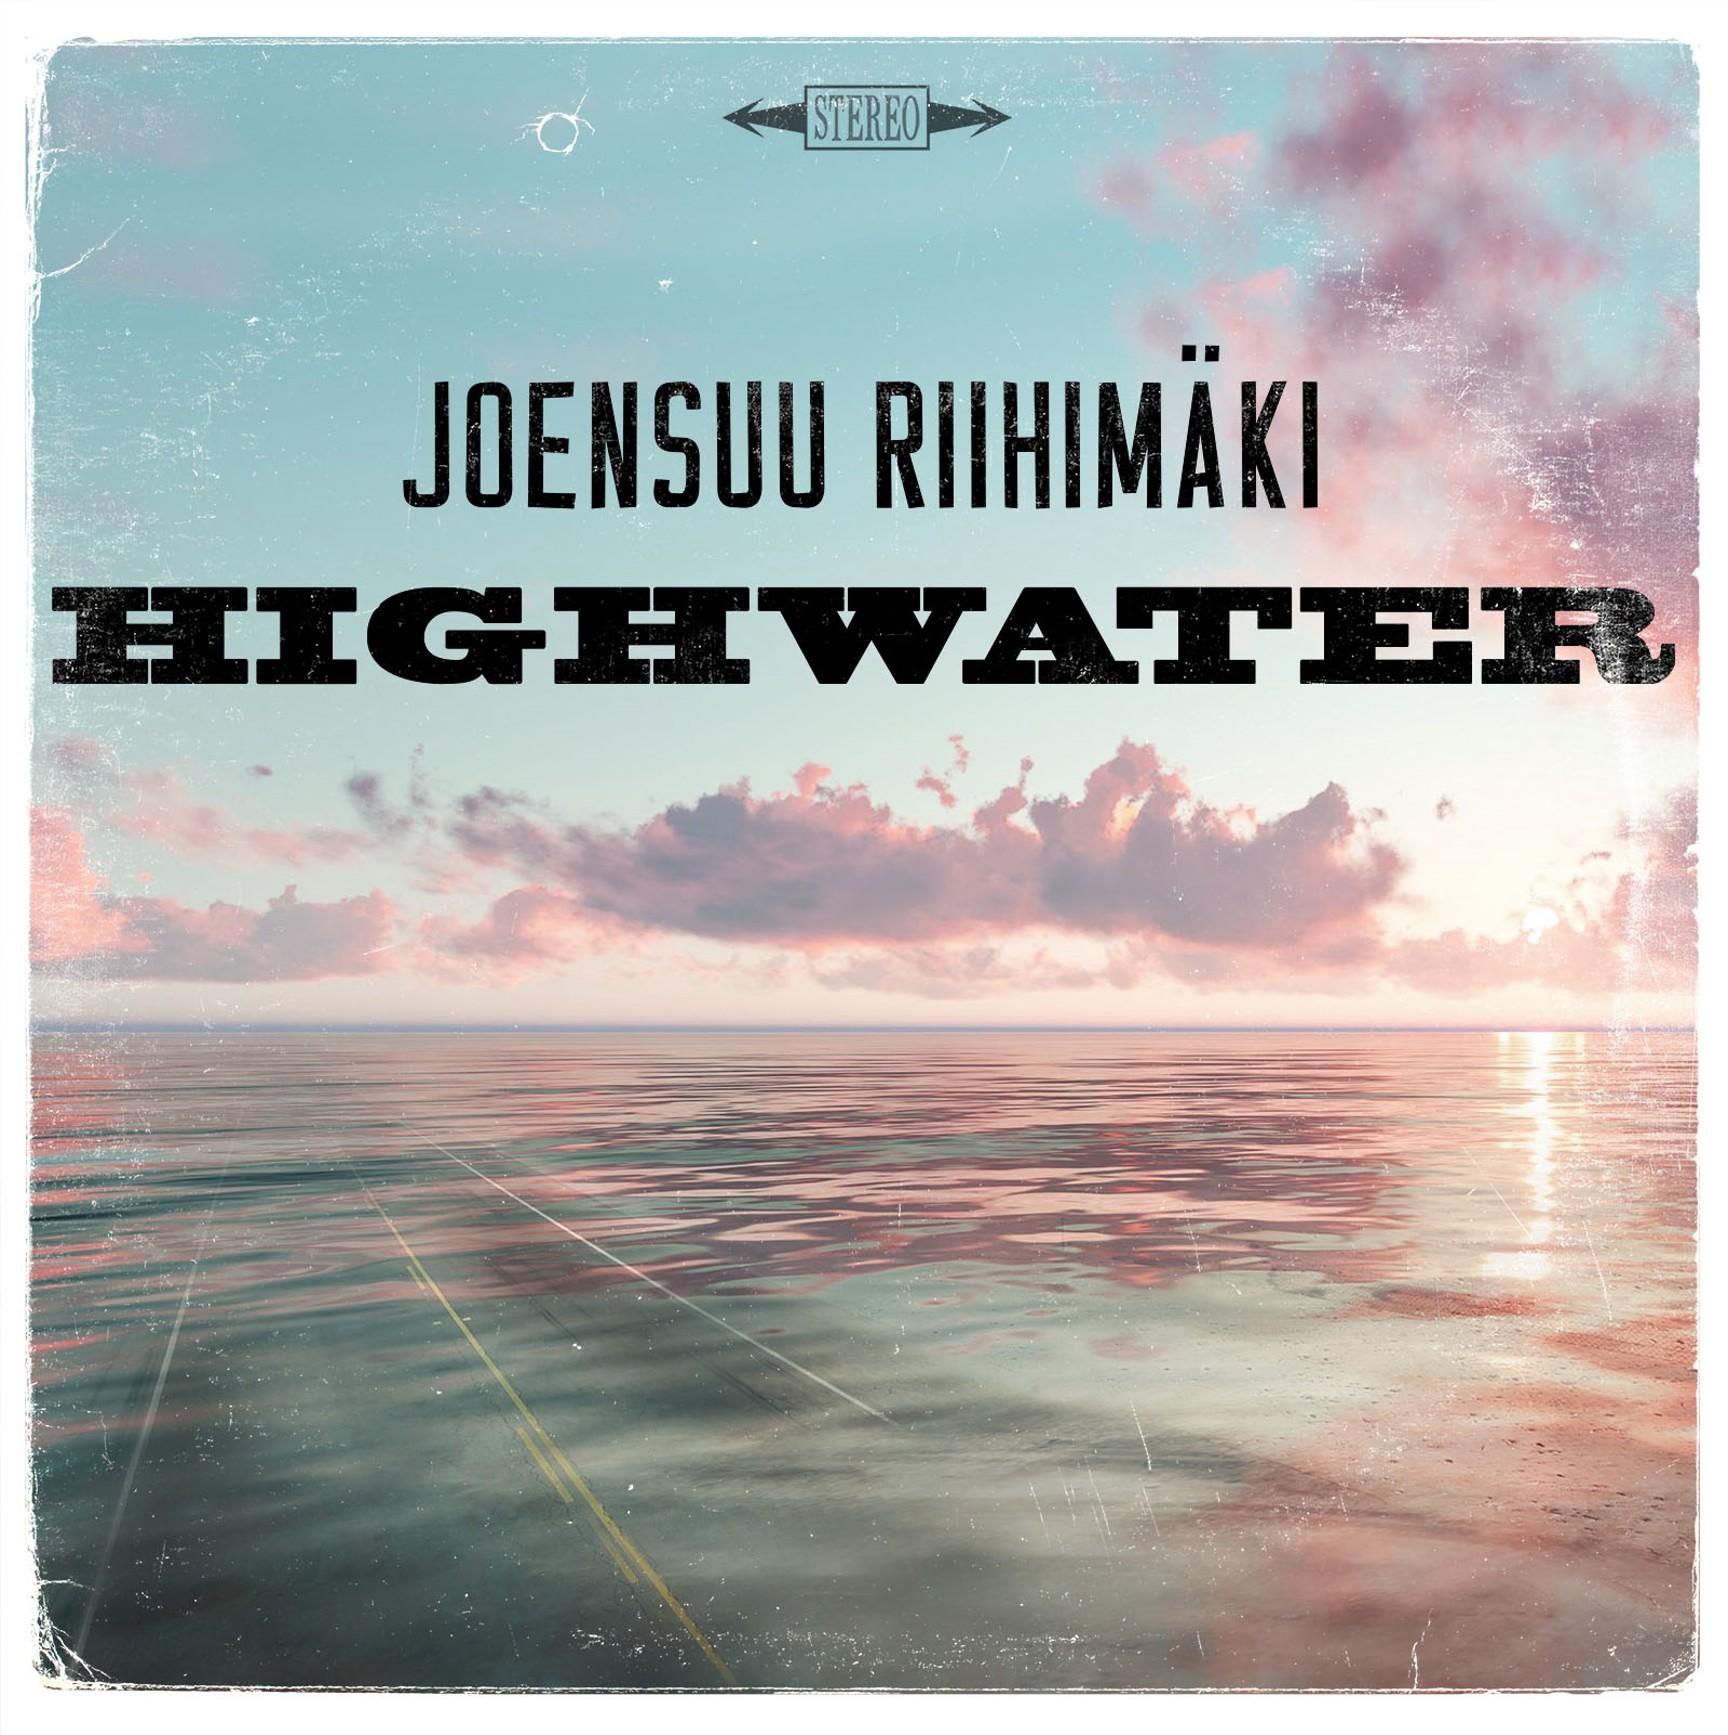 Joensuu Riihimäki: Highwater